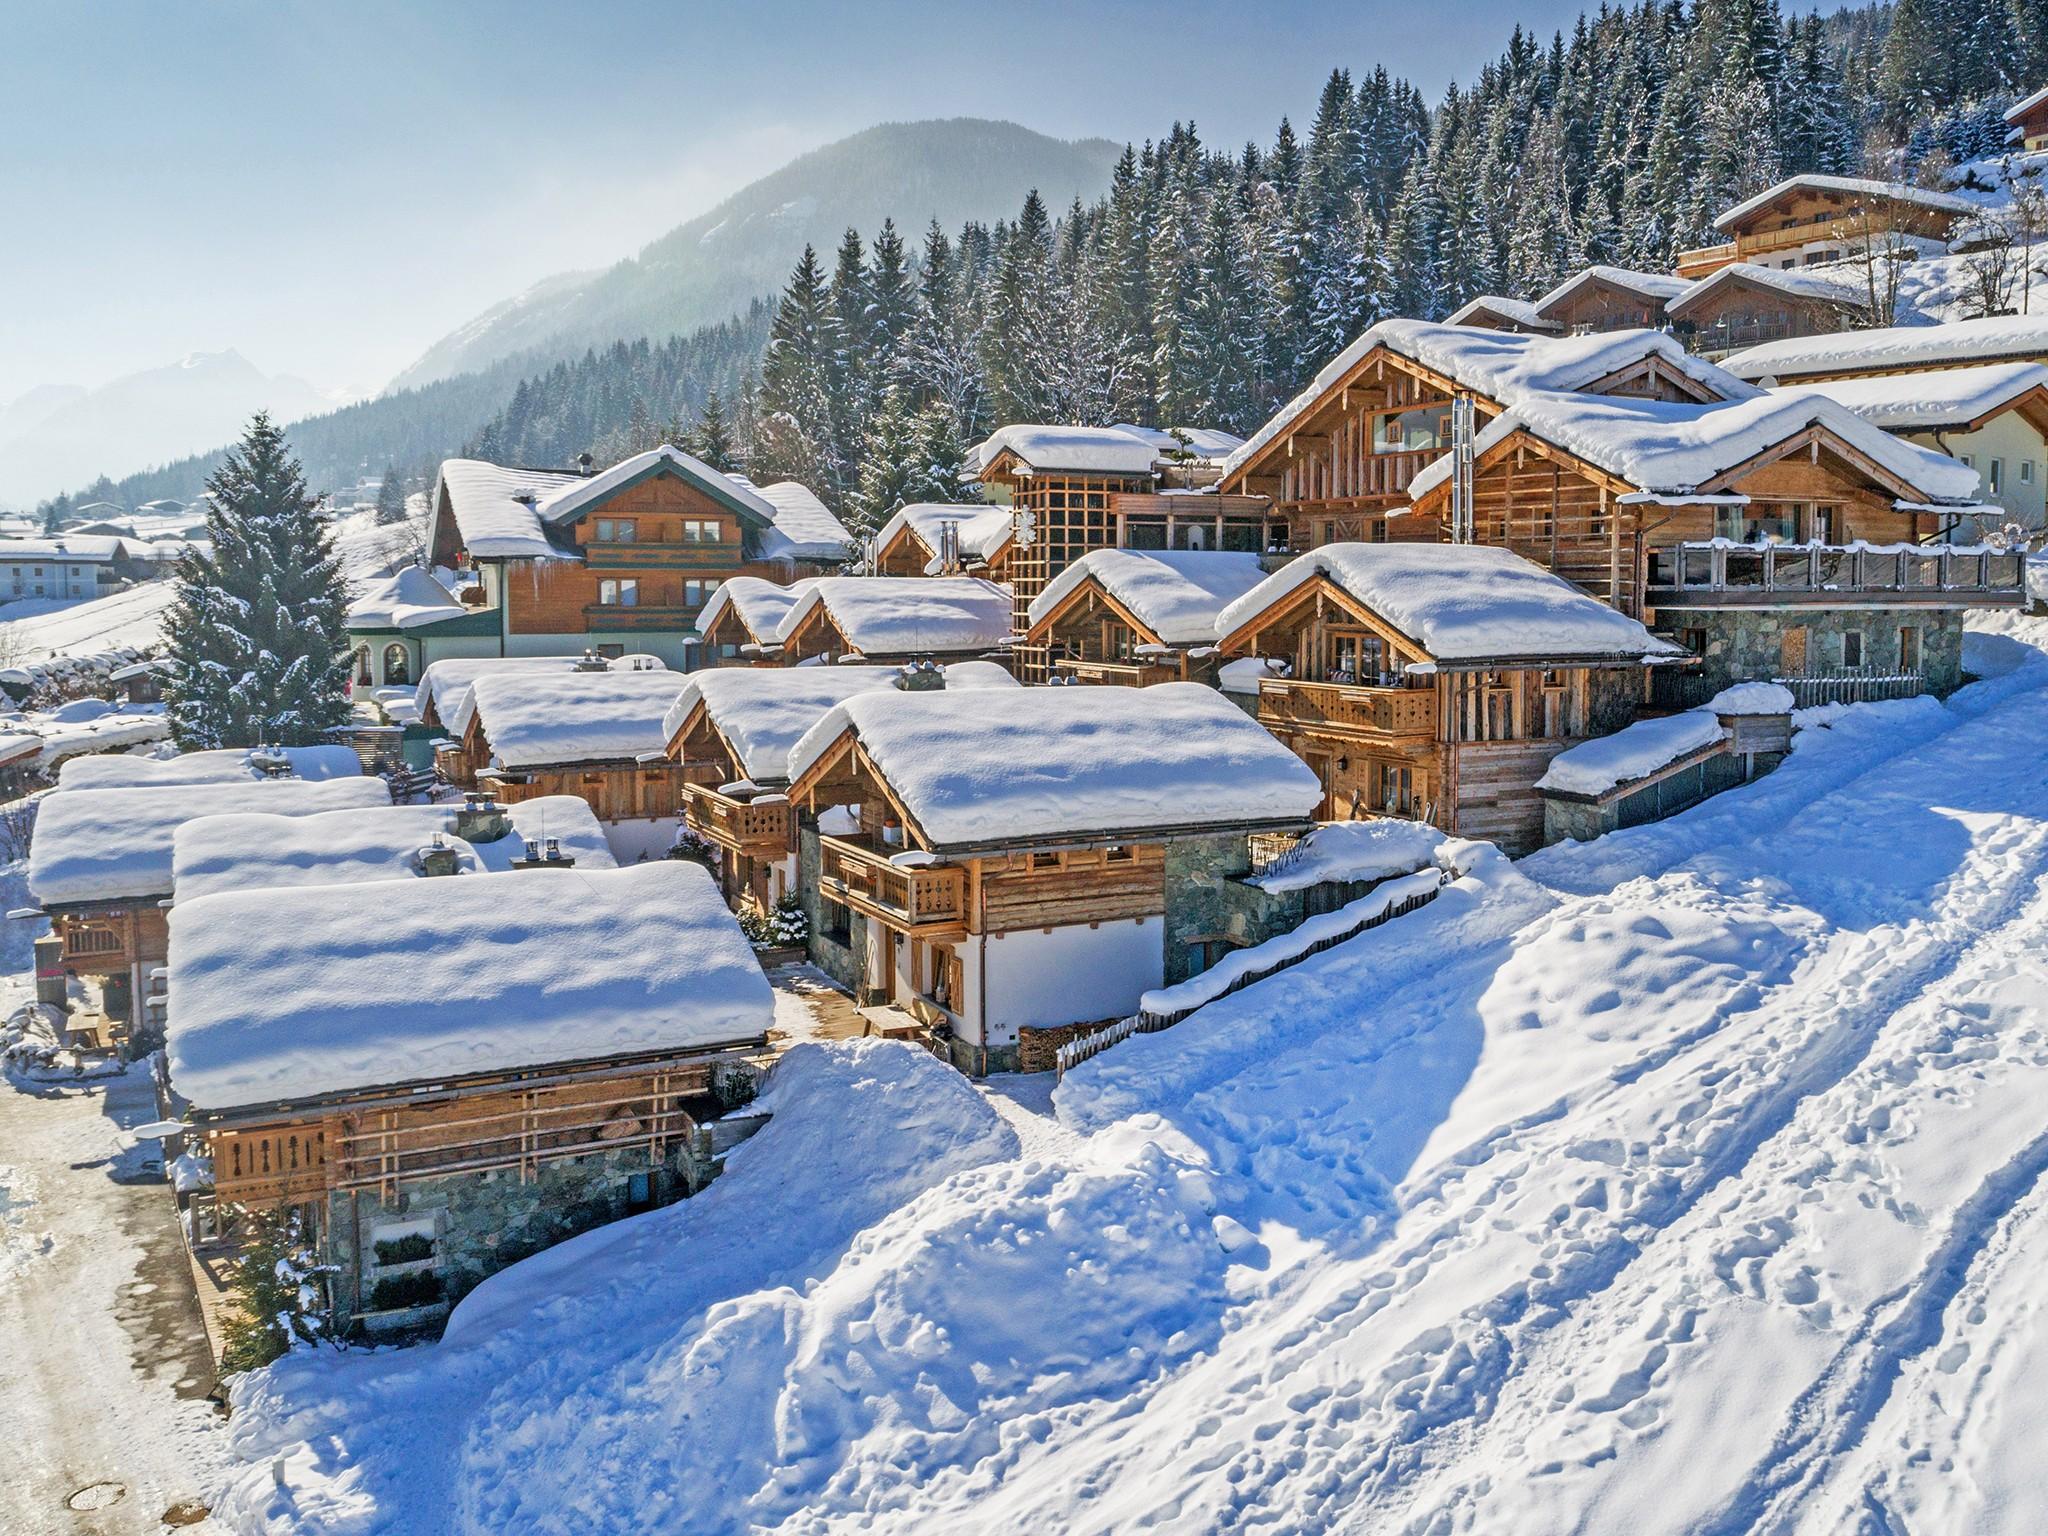 Alpen Lodge Flachau 1, 10 pers. in Flachau-Wagrain-St. Johann